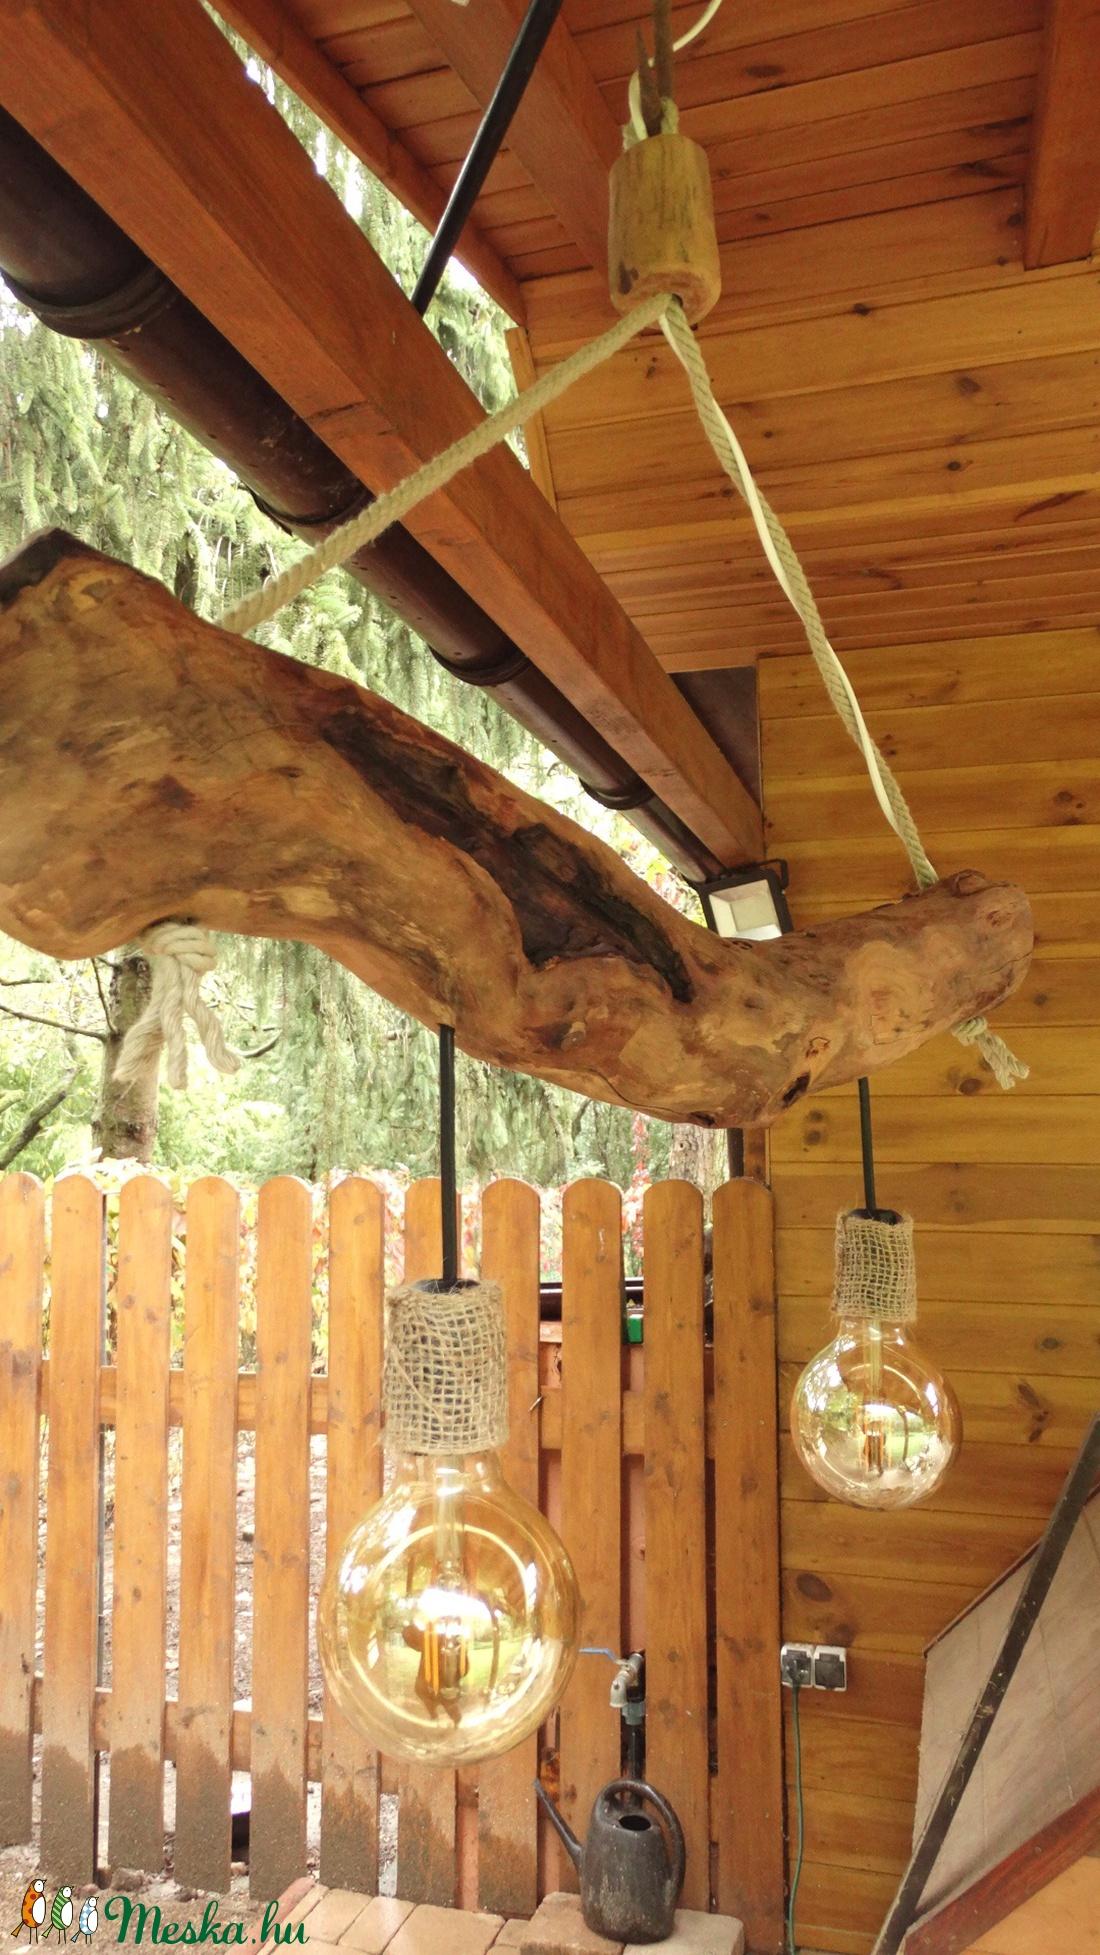 Almafa mennyezeti lámpa - otthon & lakás - lámpa - fali & mennyezeti lámpa - Meska.hu